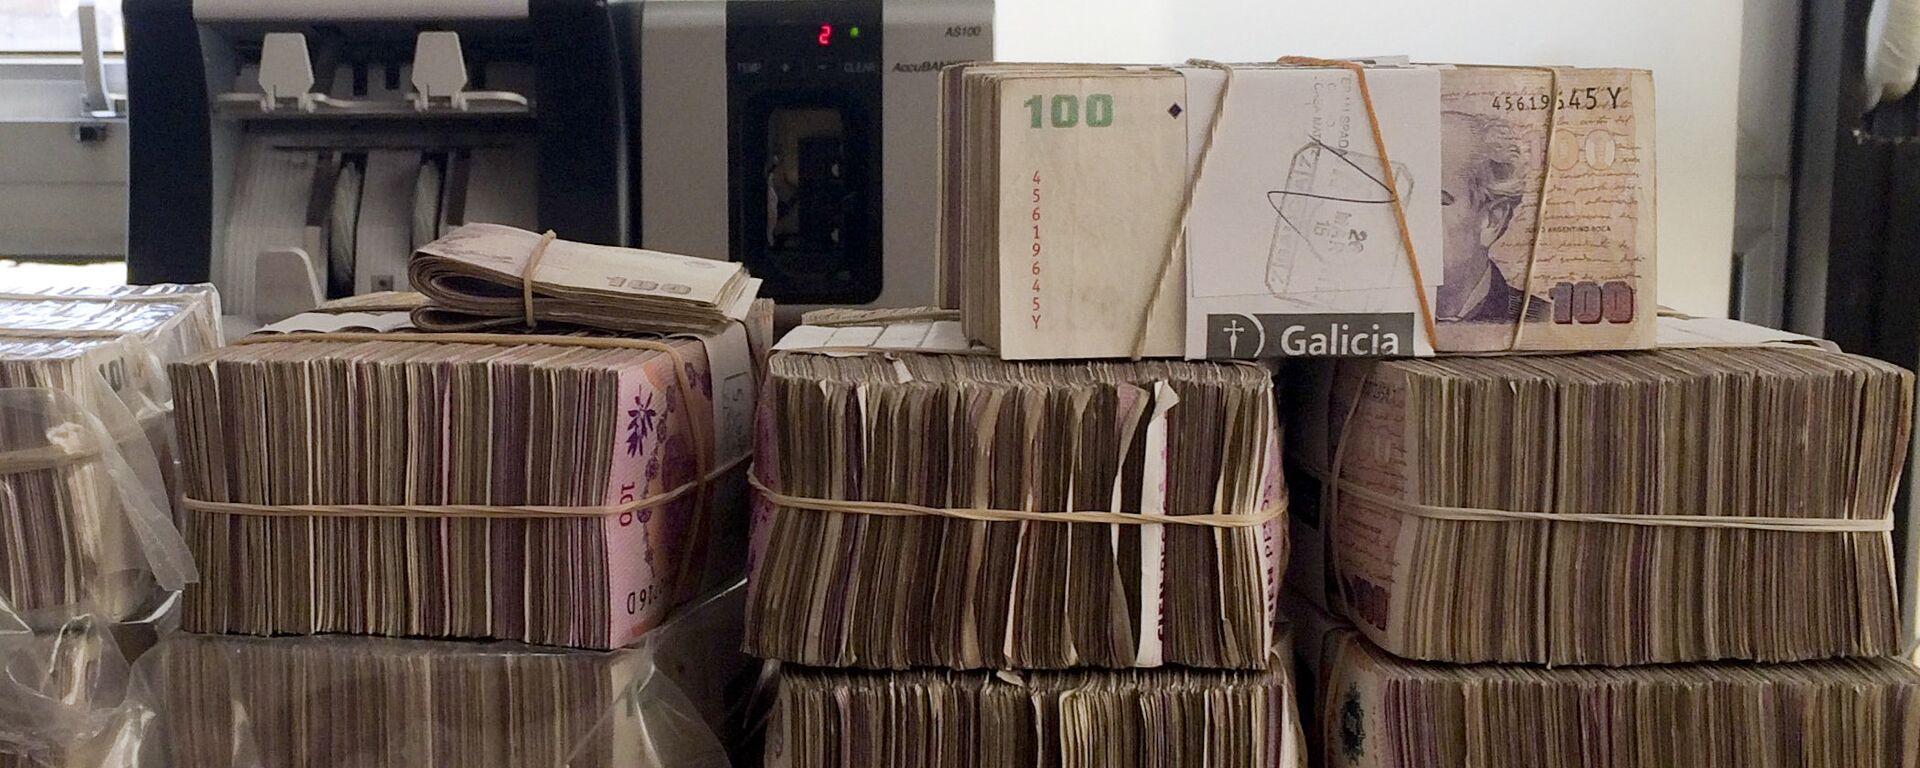 Pesos argentinos en una casa de cambios en Buenos Aires - Sputnik Mundo, 1920, 13.05.2021